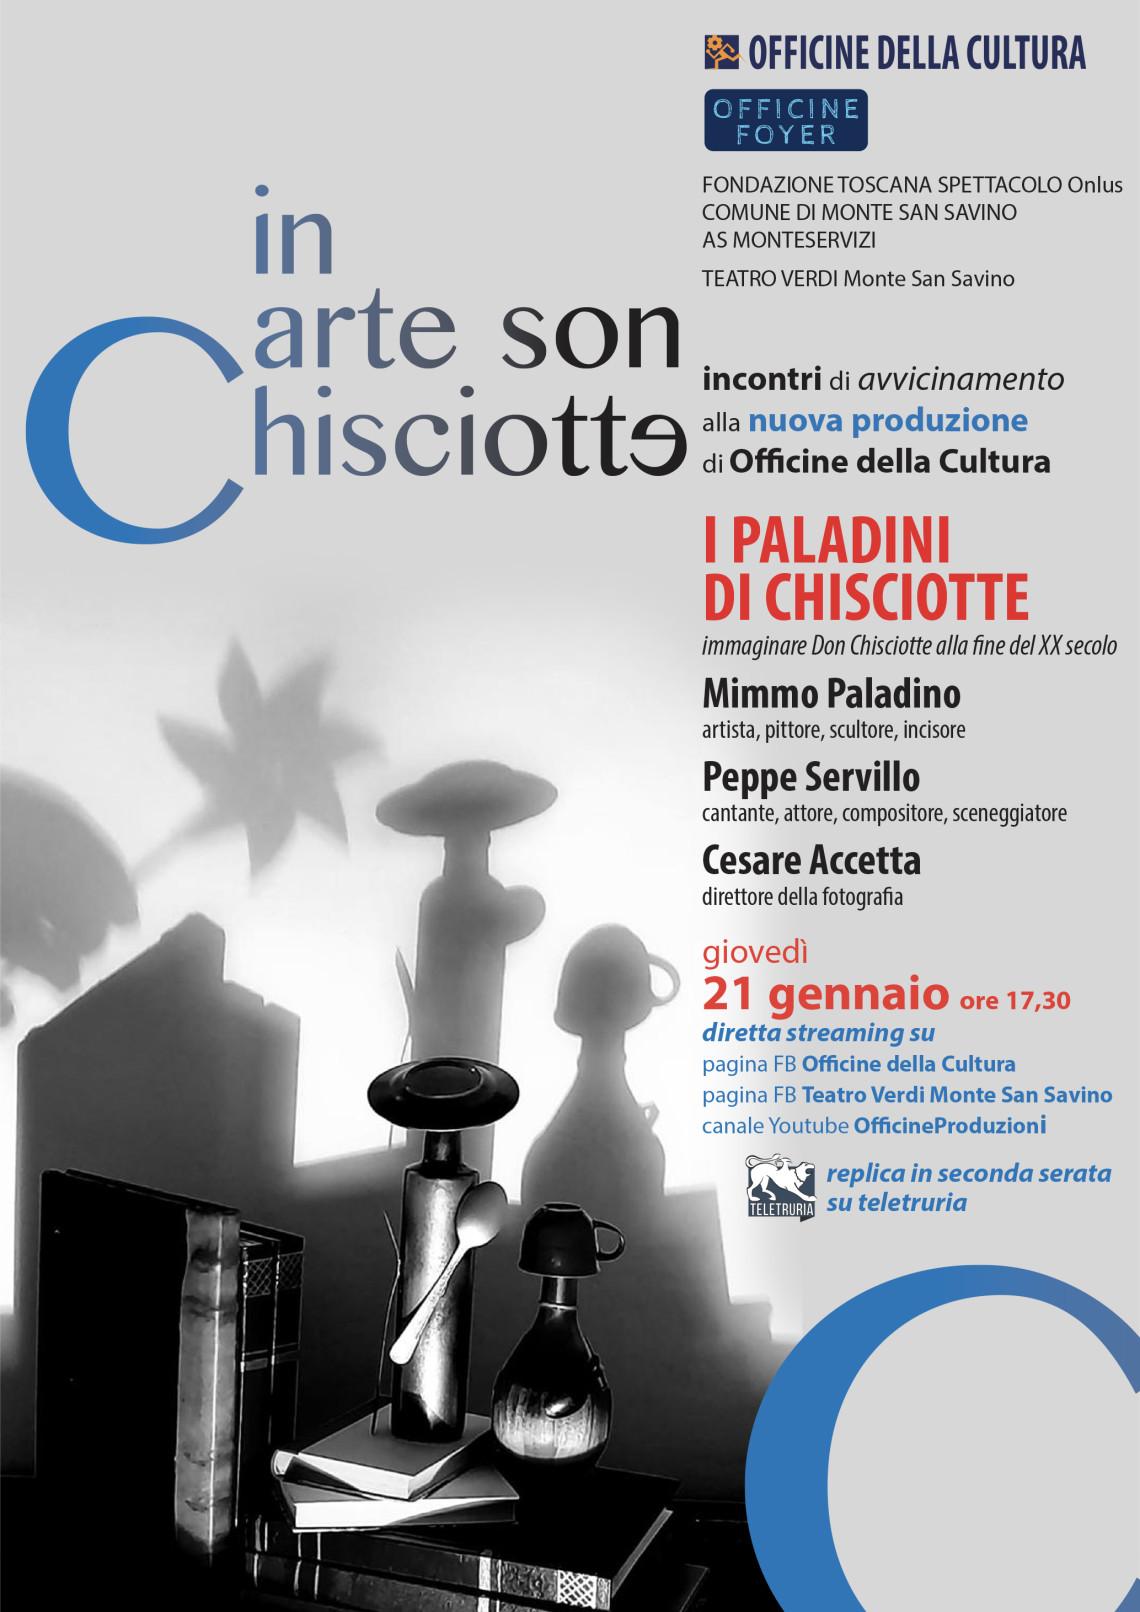 CHISCIOTTE 3